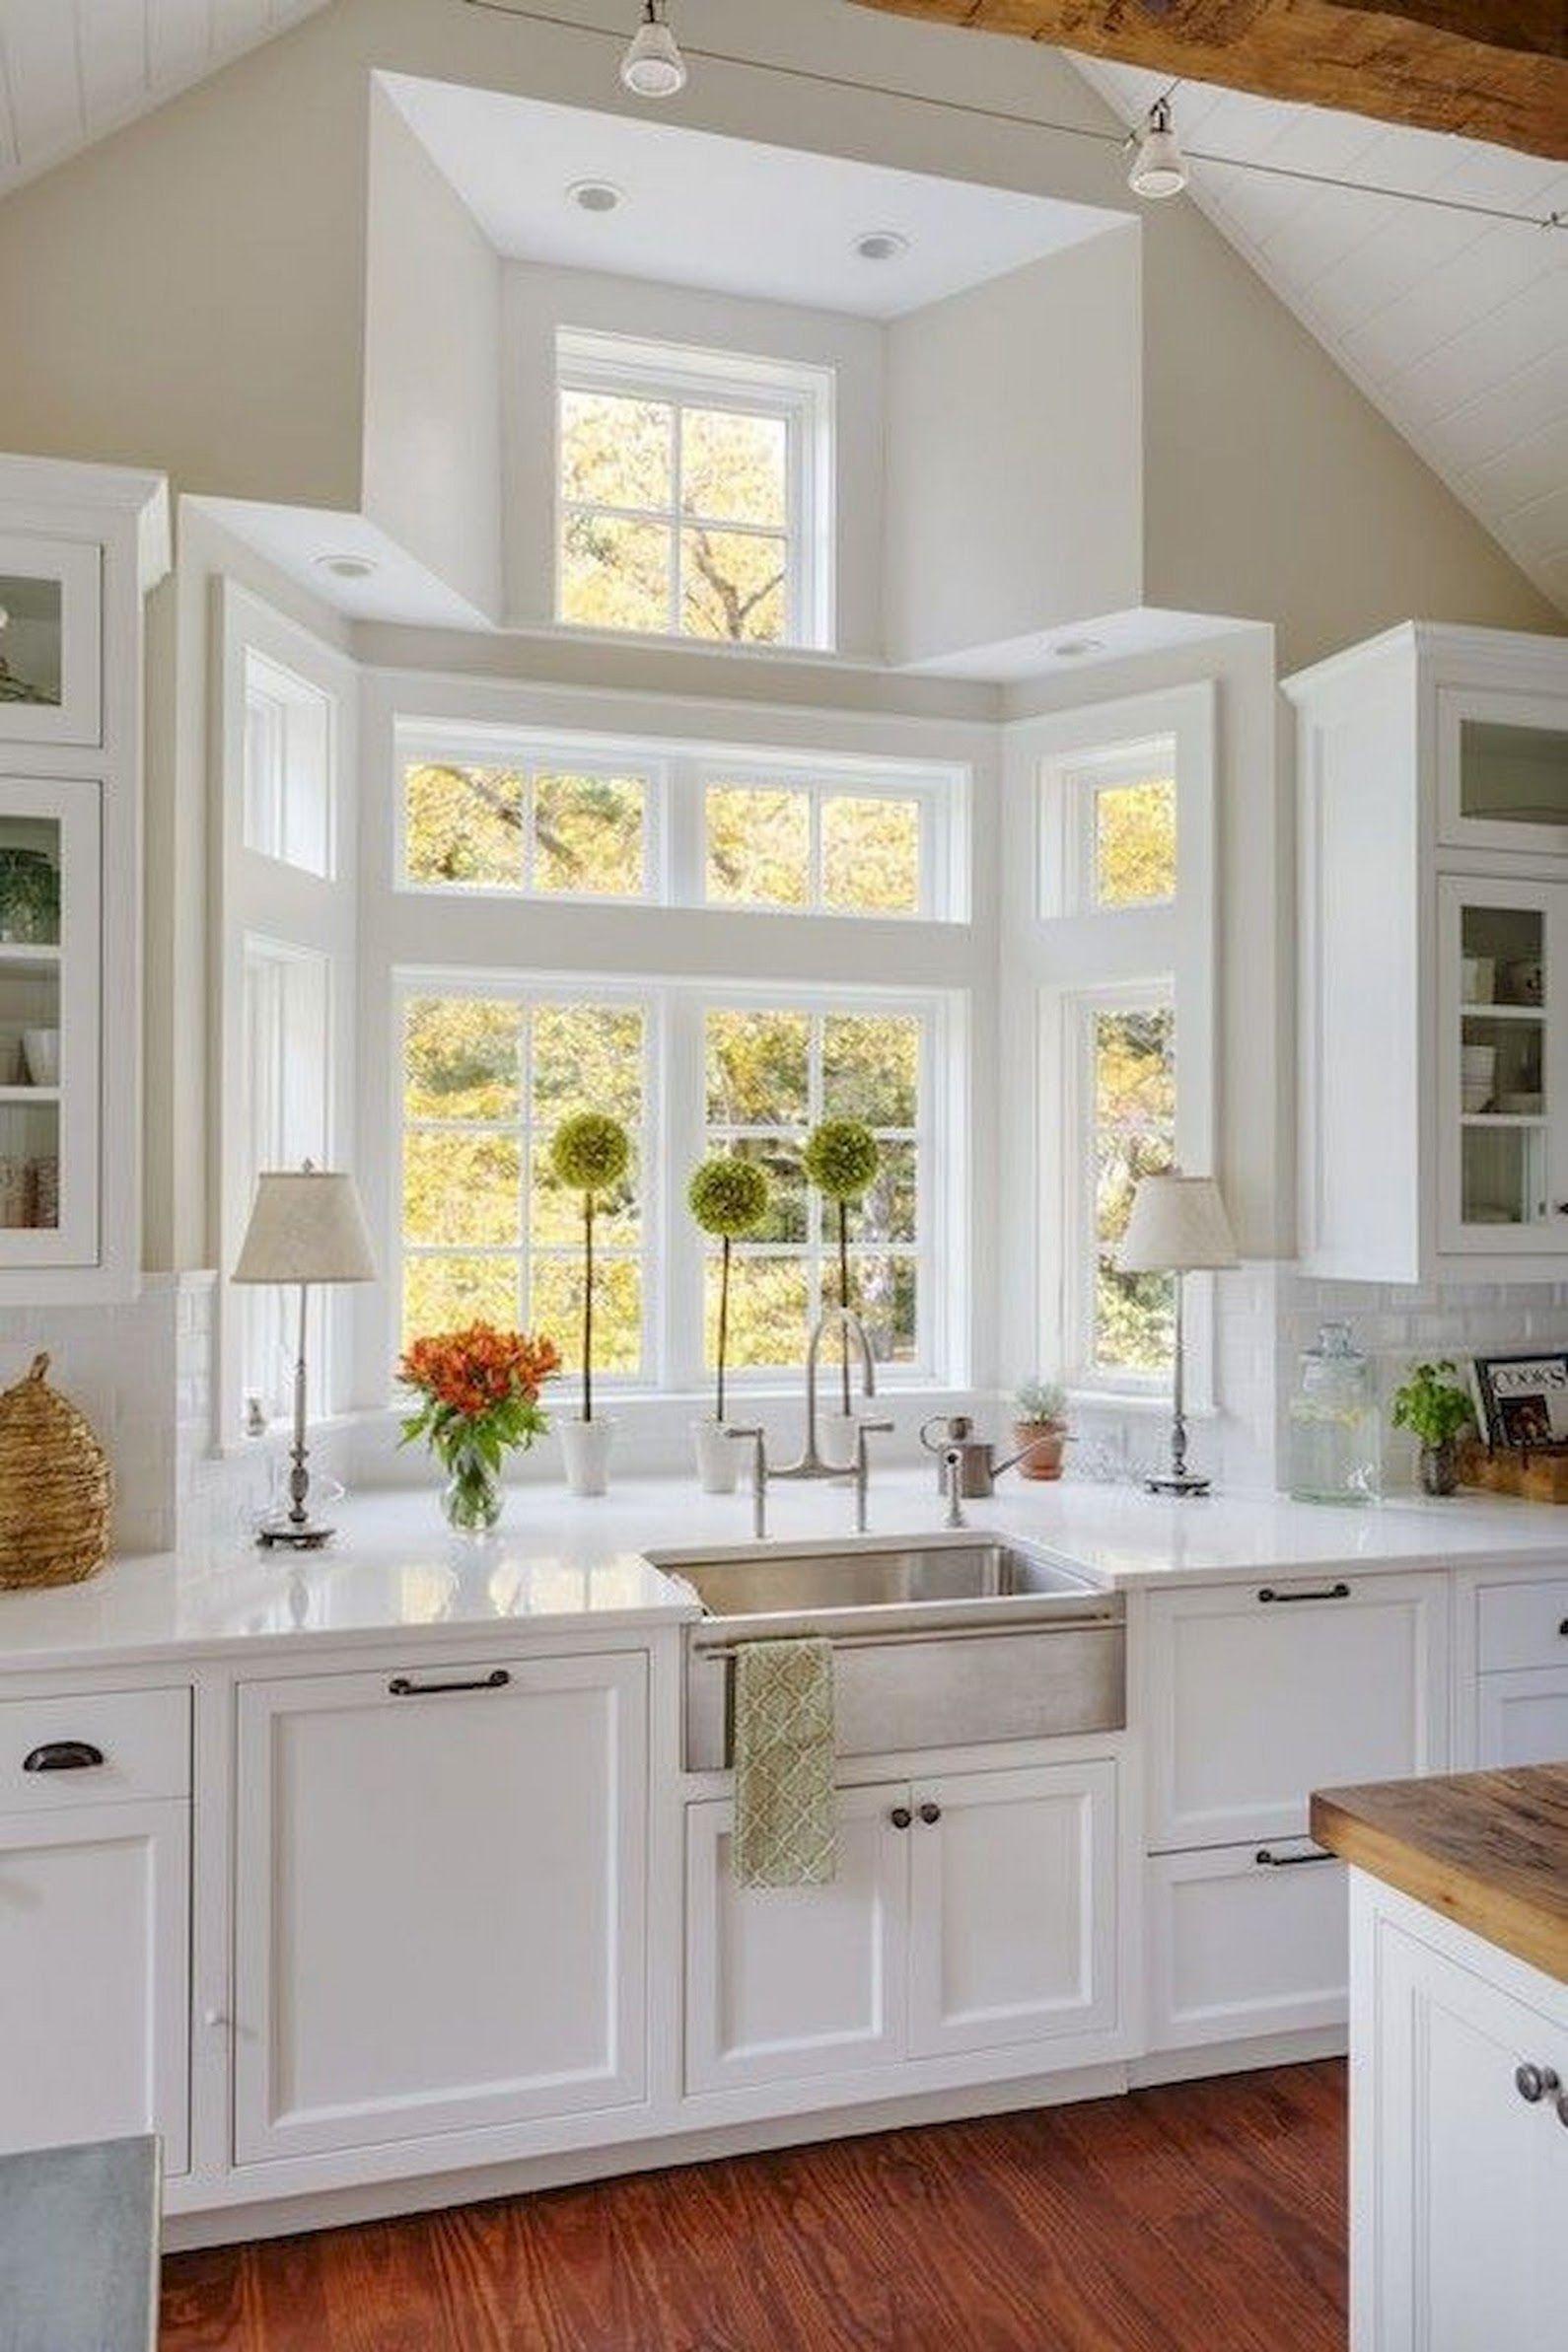 Bello diseño de ventana de esta cocina. - Paty Montes - Google+ ...